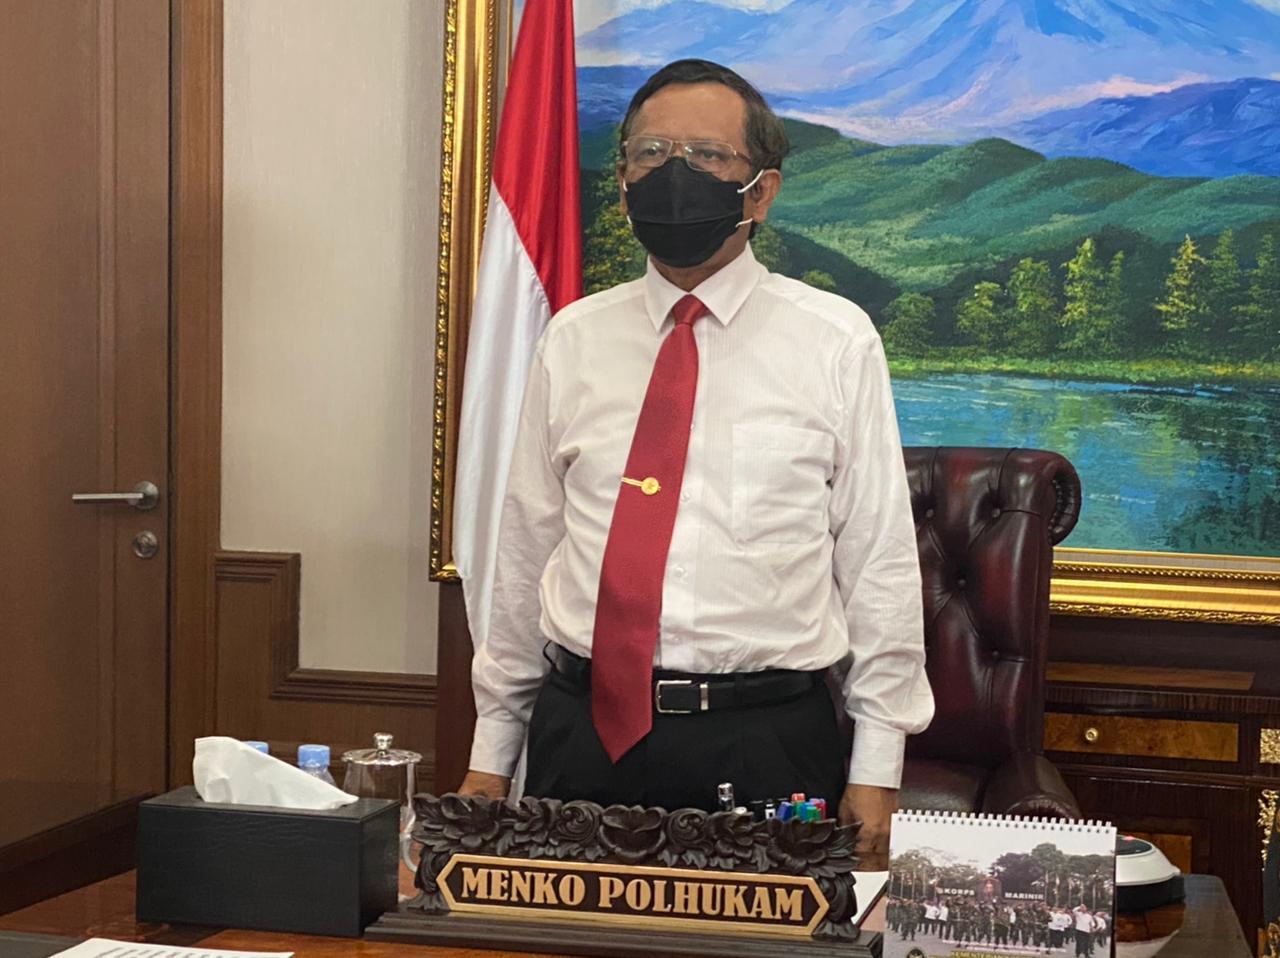 Perubahan UU ITE, Menko Polhukam: Jangan Alergi Terhadap Perubahan